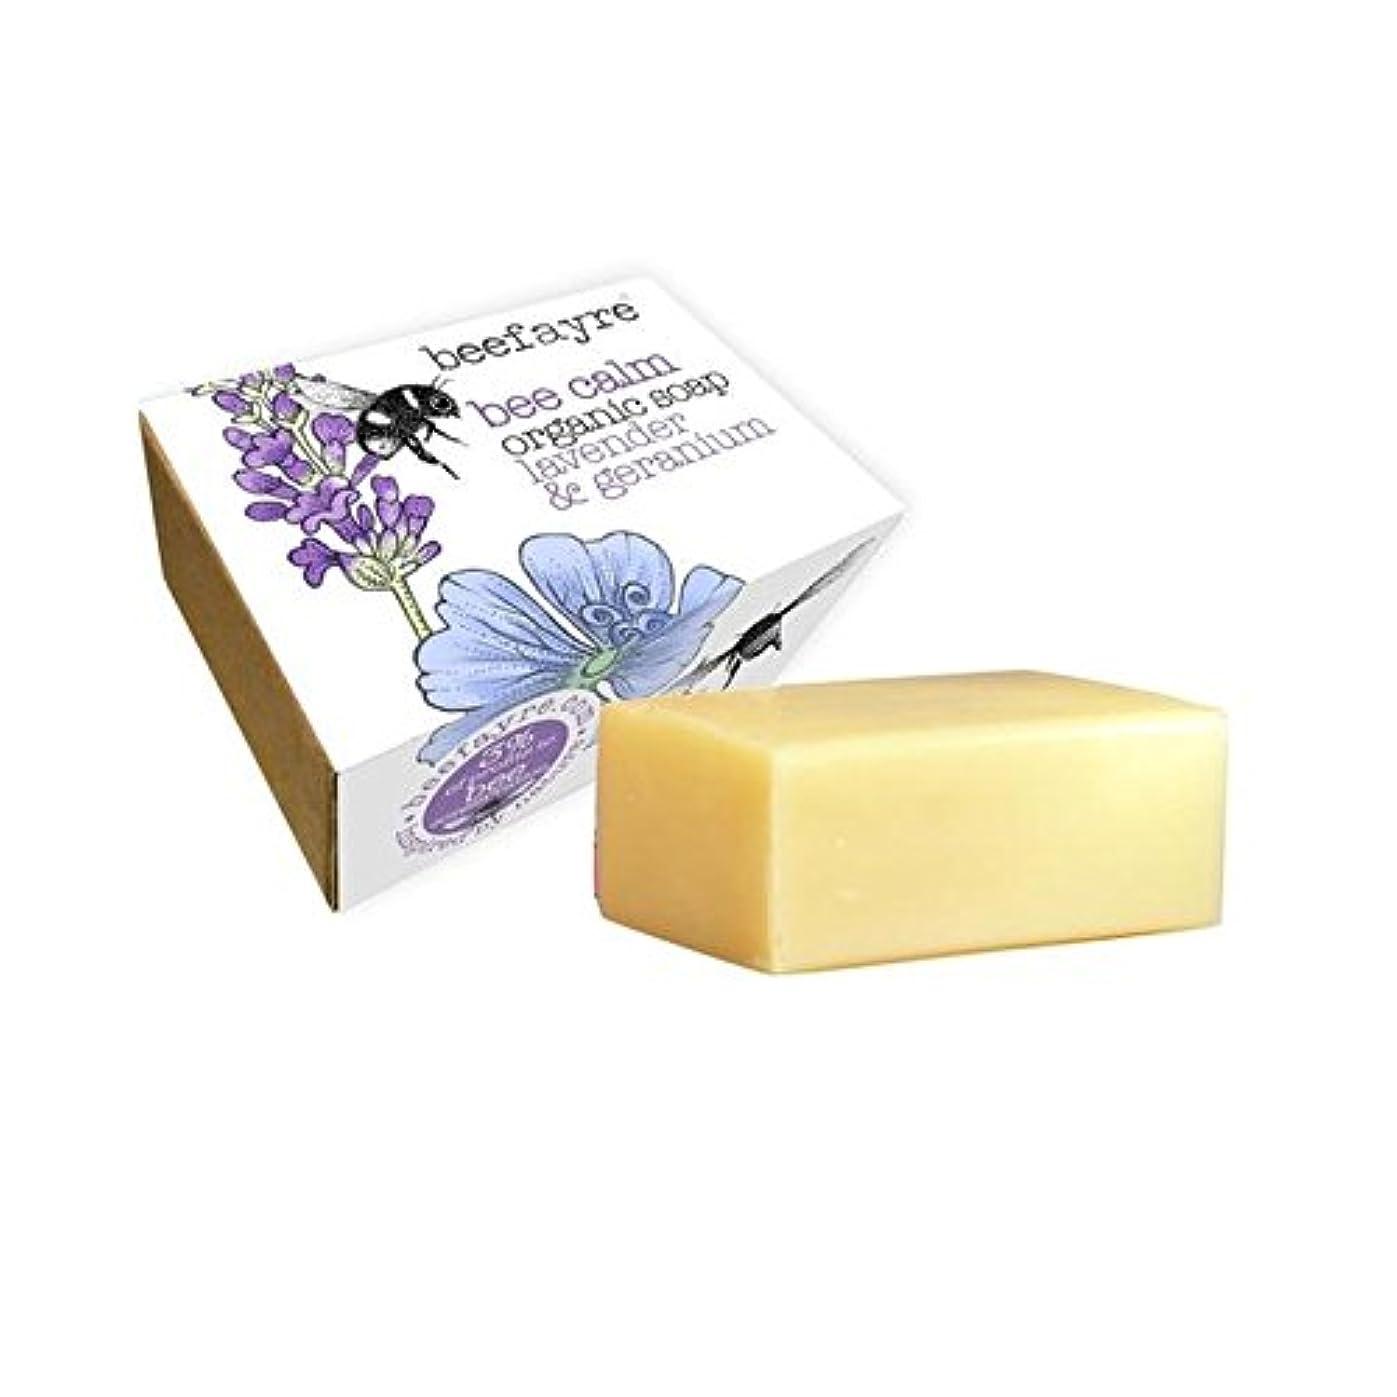 不合格サイトライン植物学Beefayre Organic Geranium & Lavender Soap - 有機ゼラニウム&ラベンダー石鹸 [並行輸入品]